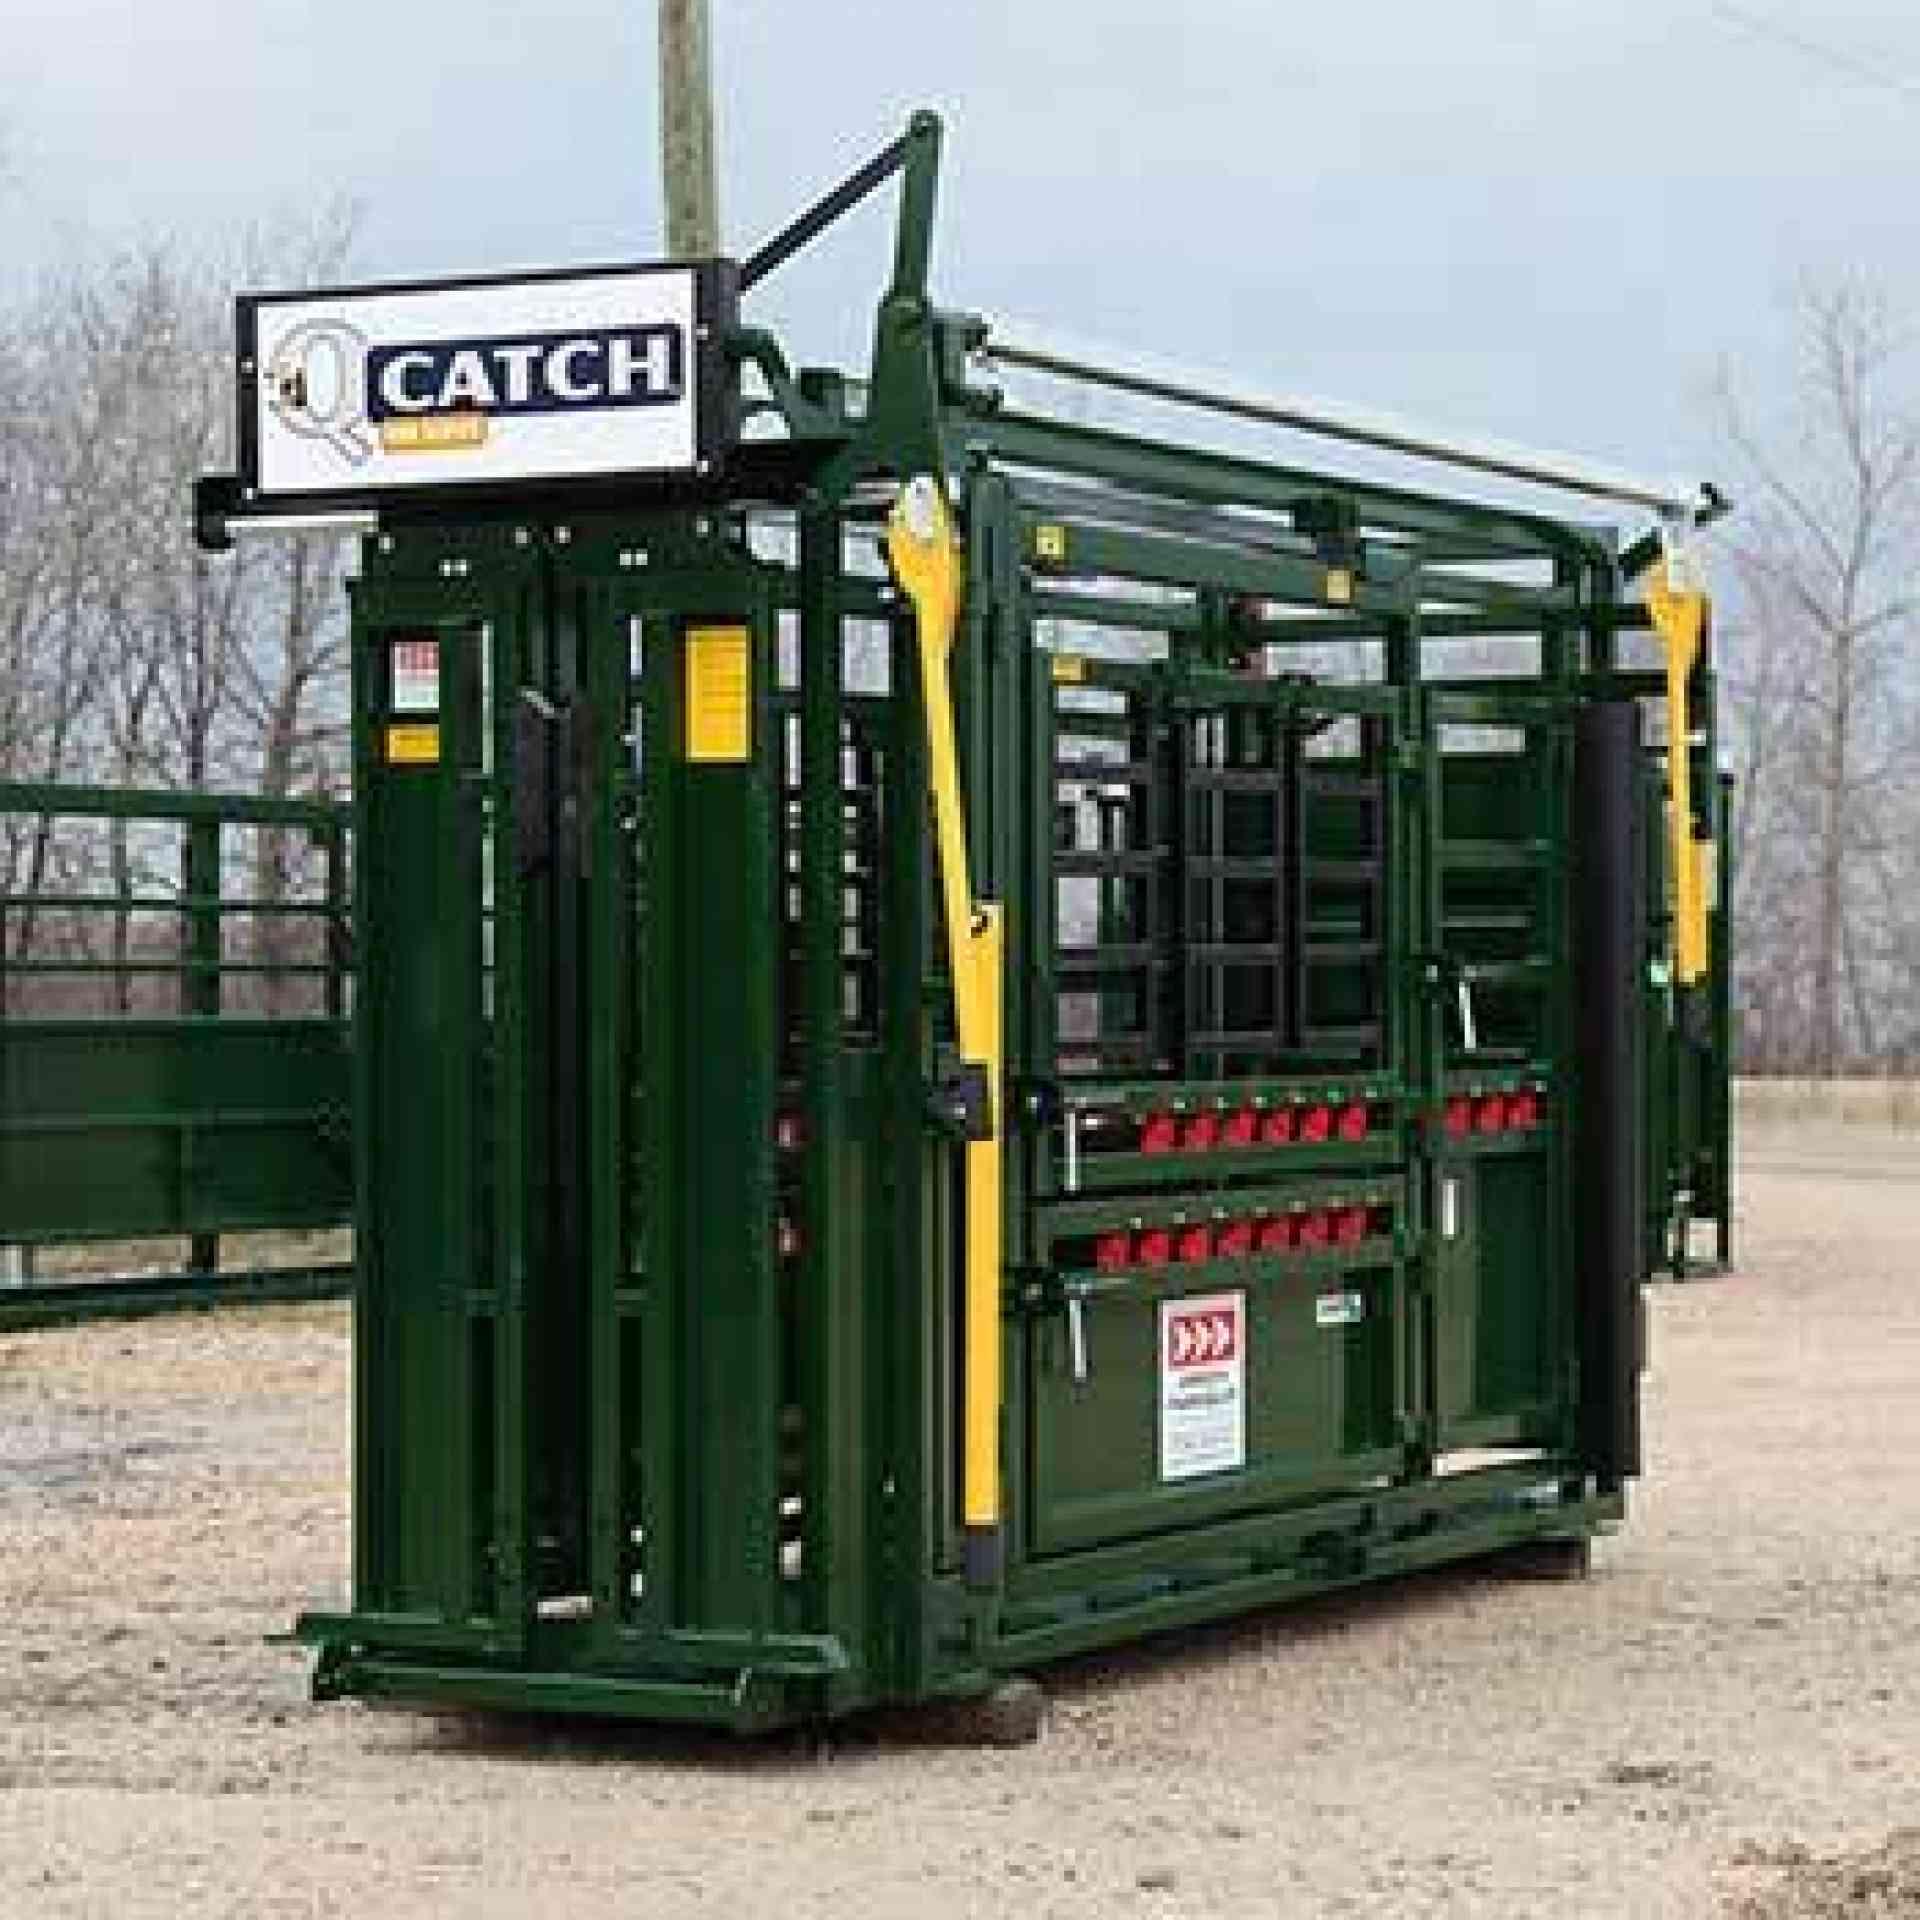 Q-Catch 400 Series Cattle Chute